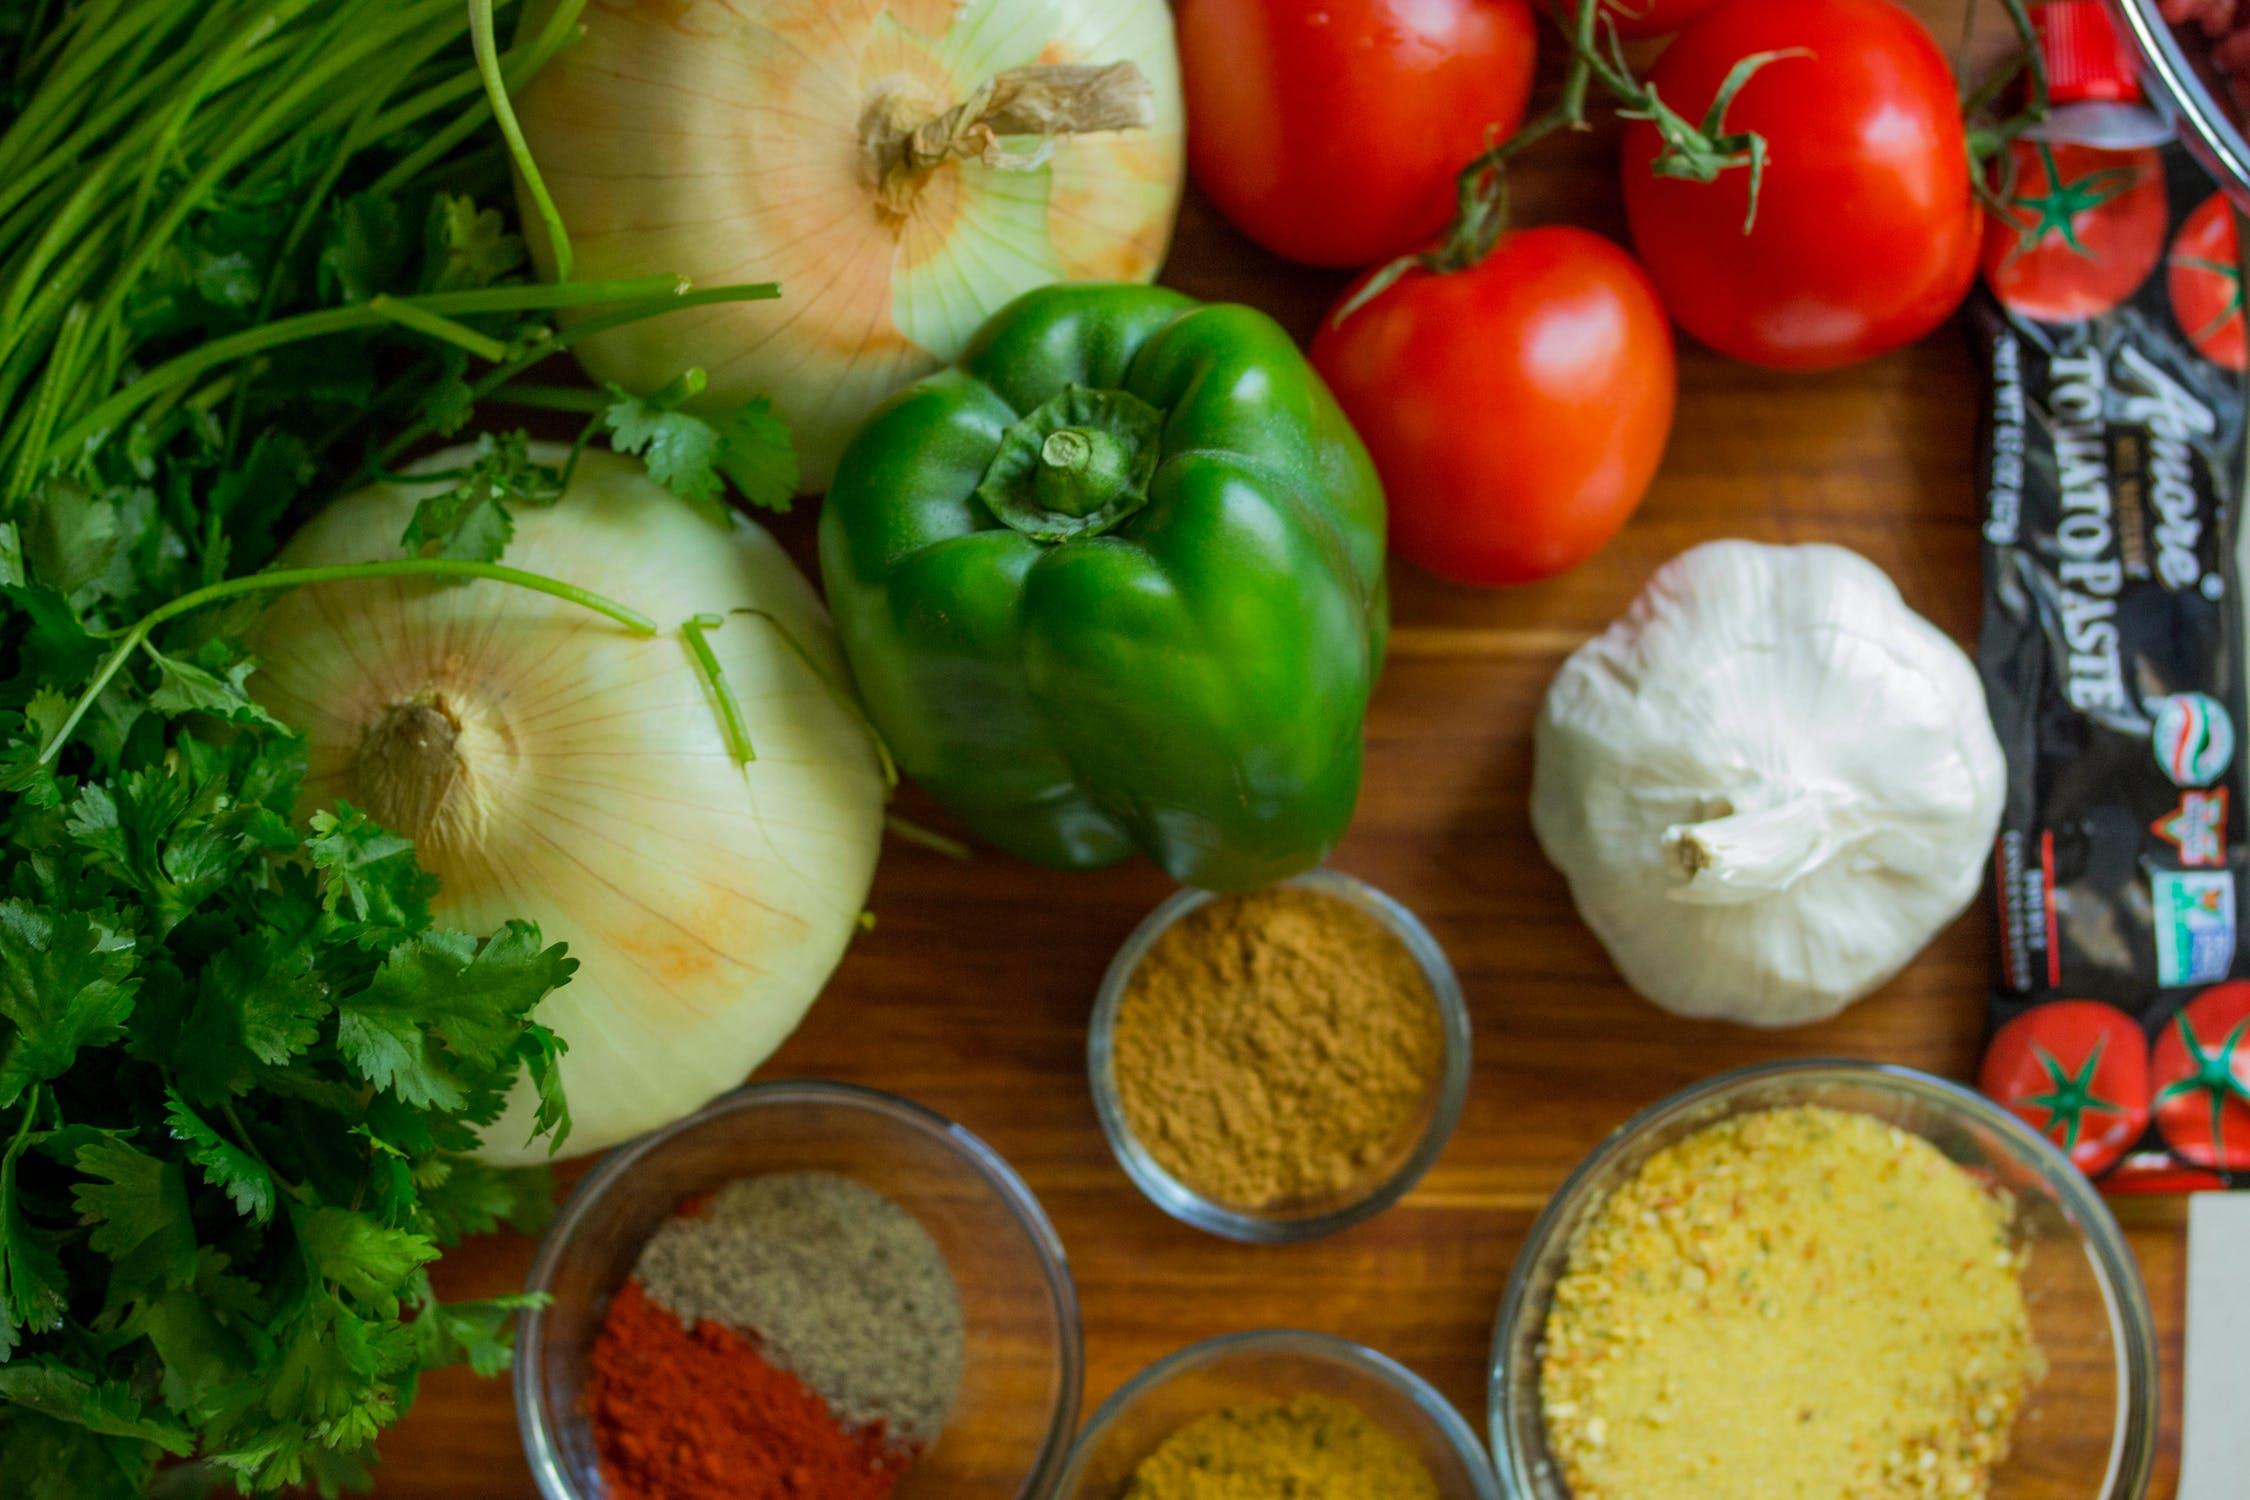 Kryddor och grönsaker